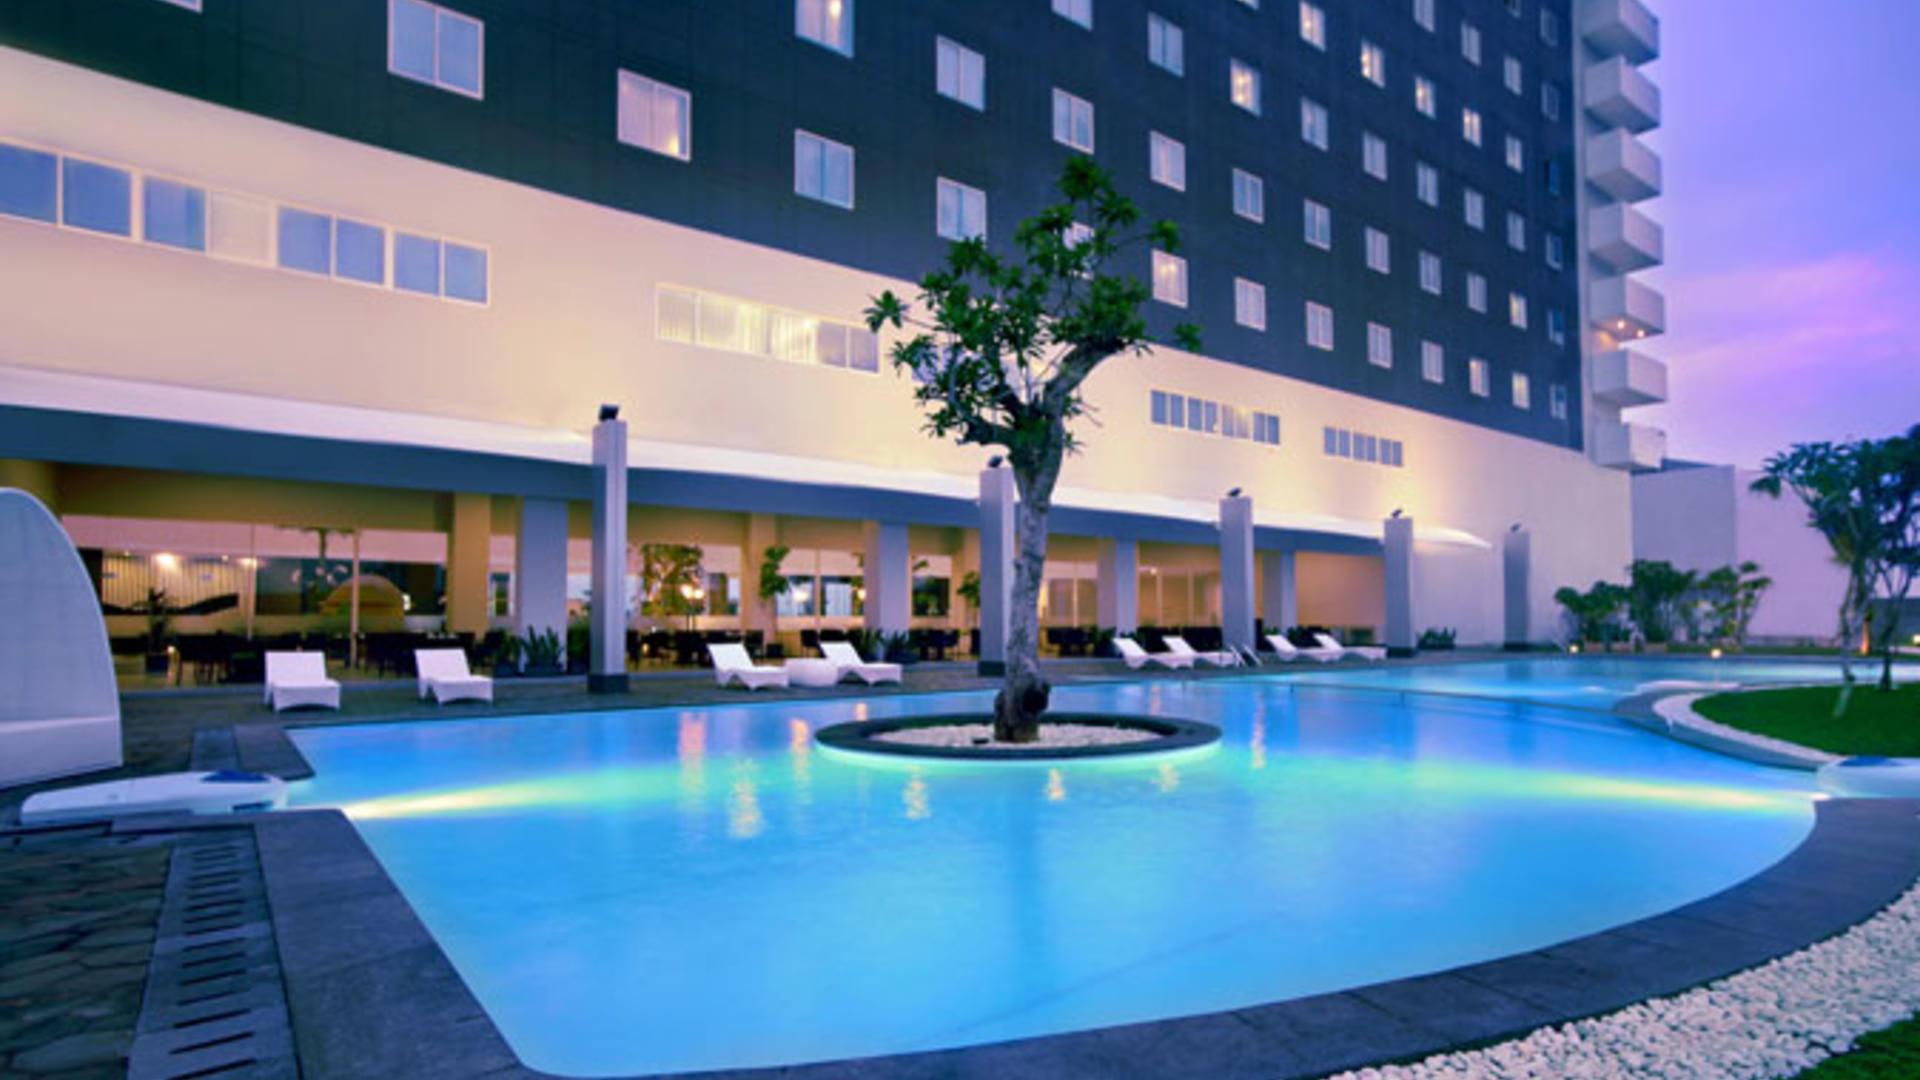 Aston Cirebon Hotel Convention Center Home